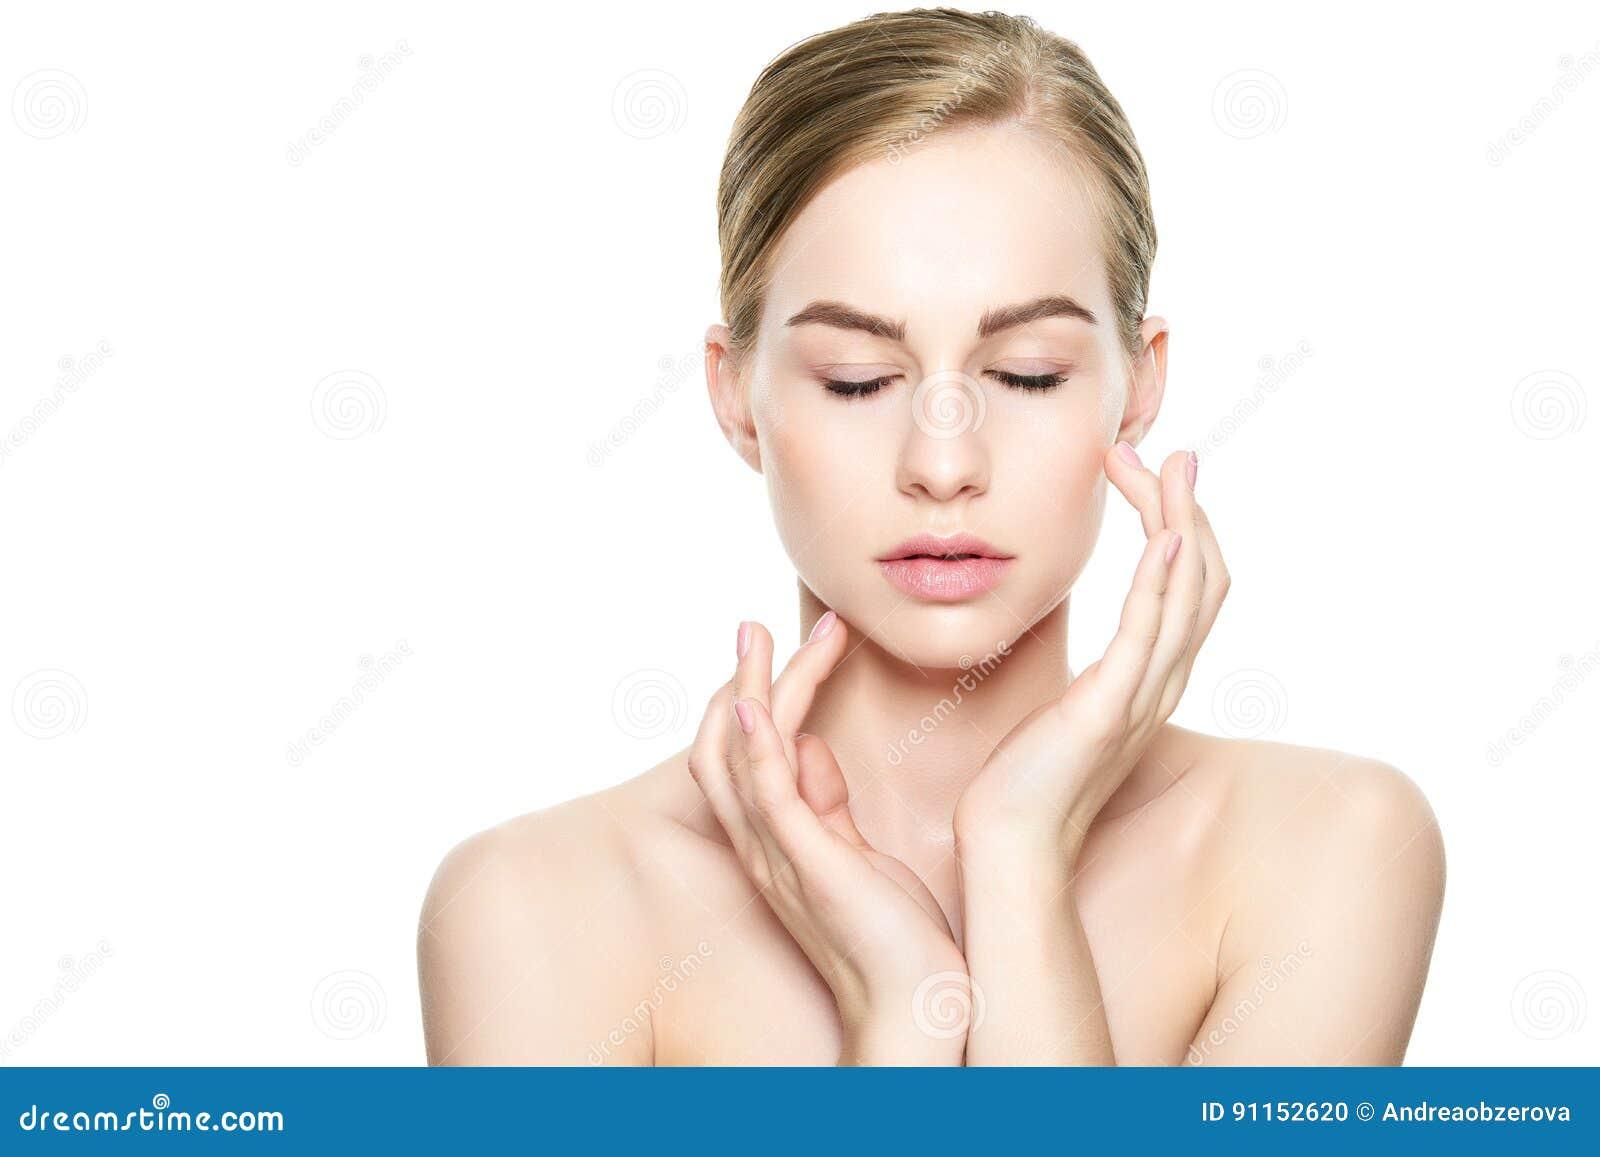 Schöne junge blonde Frau mit der perfekten Haut, die ihr Gesicht berührt Gesichtsbehandlung Cosmetology, Schönheit und Badekurort